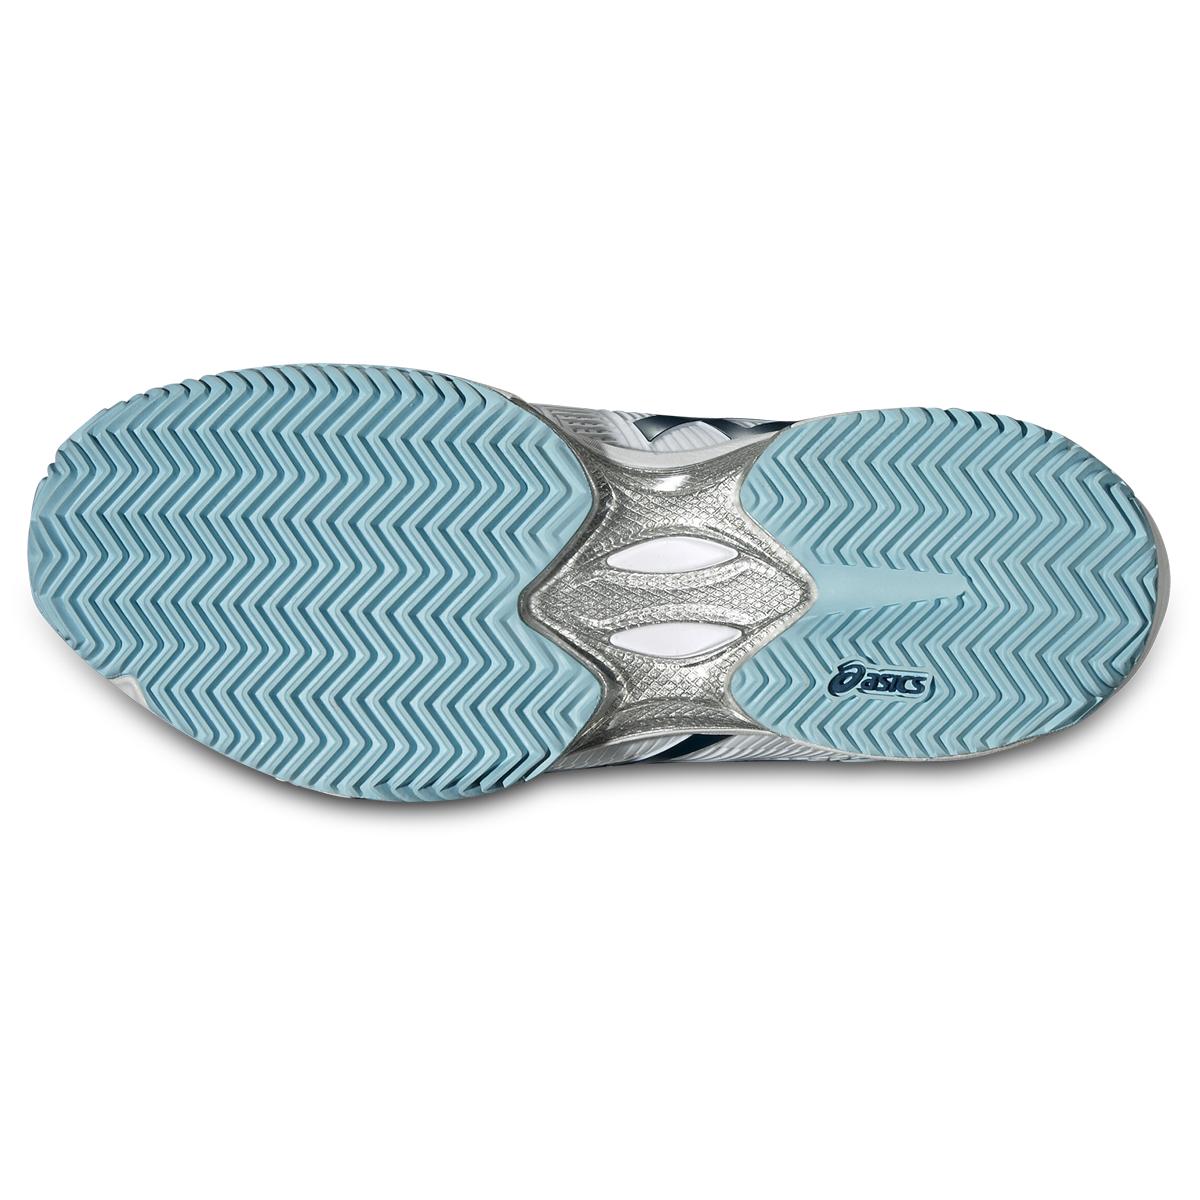 Asics Damen Tennisschuhe Gel Solution Speed 3 Clay türkisweiß